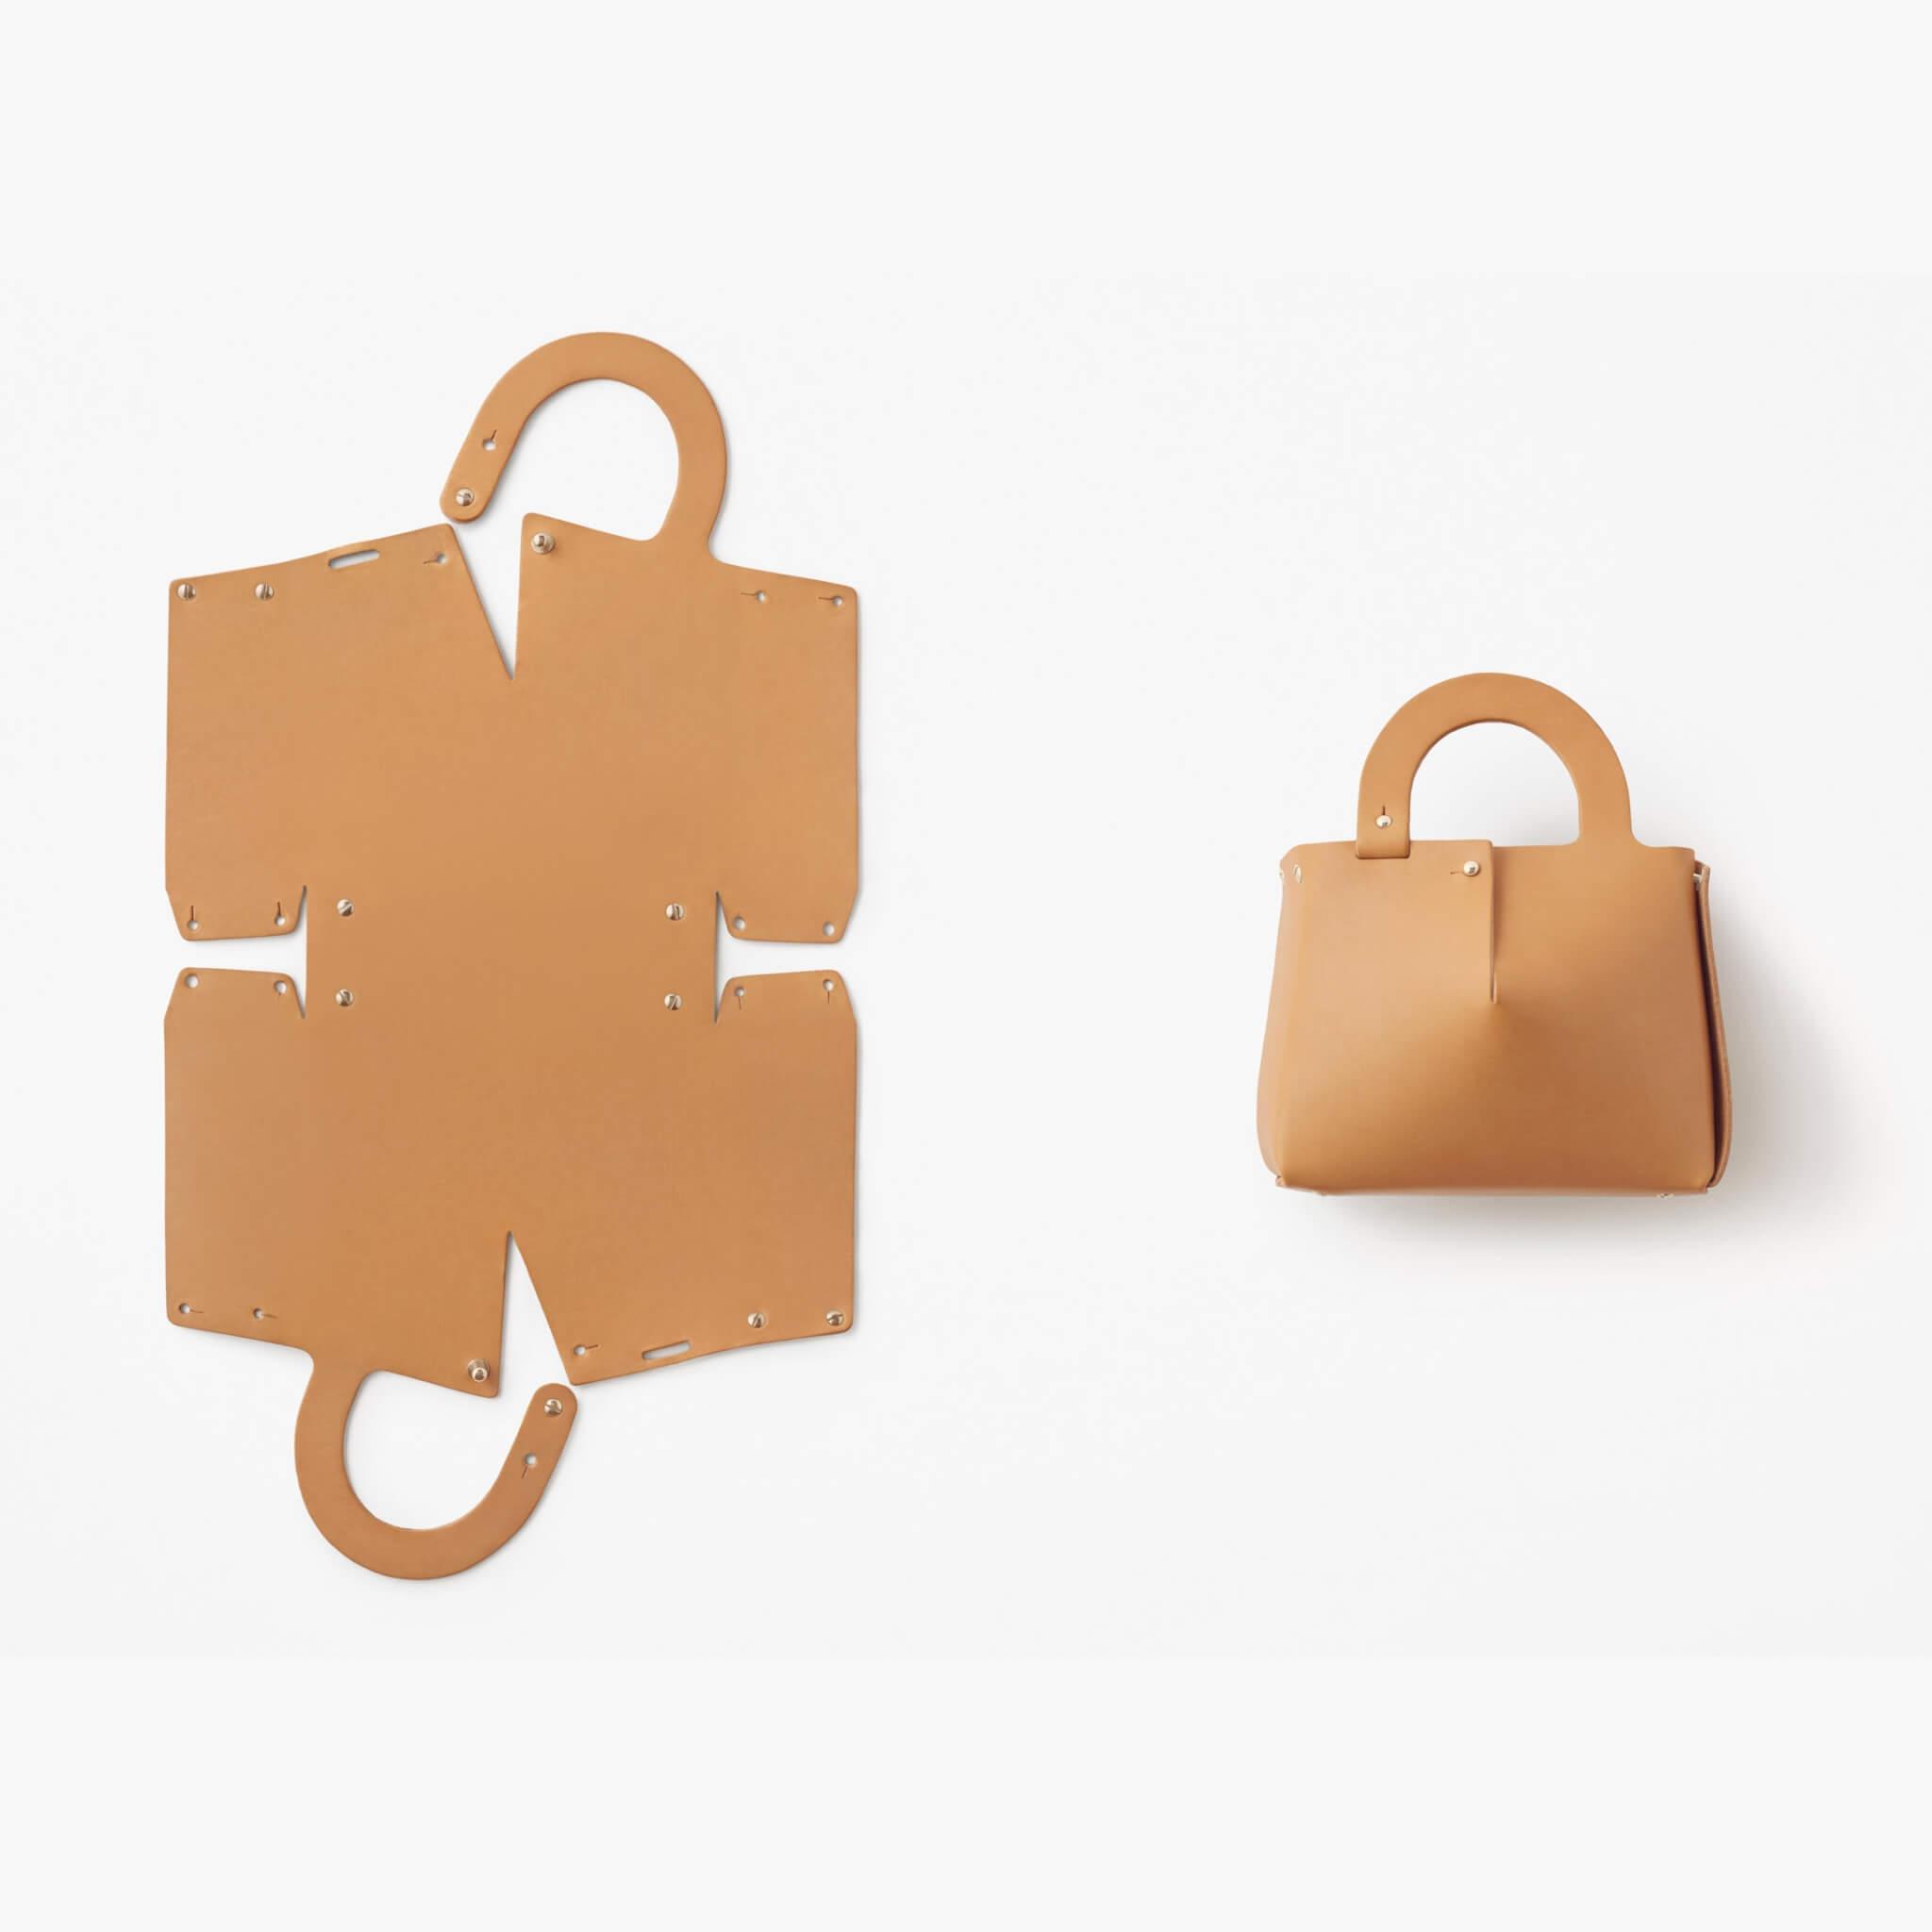 手袋來貨時並非以「最終形象」出現,而是一塊貌似紙樣的皮革,讓買家自行組裝。